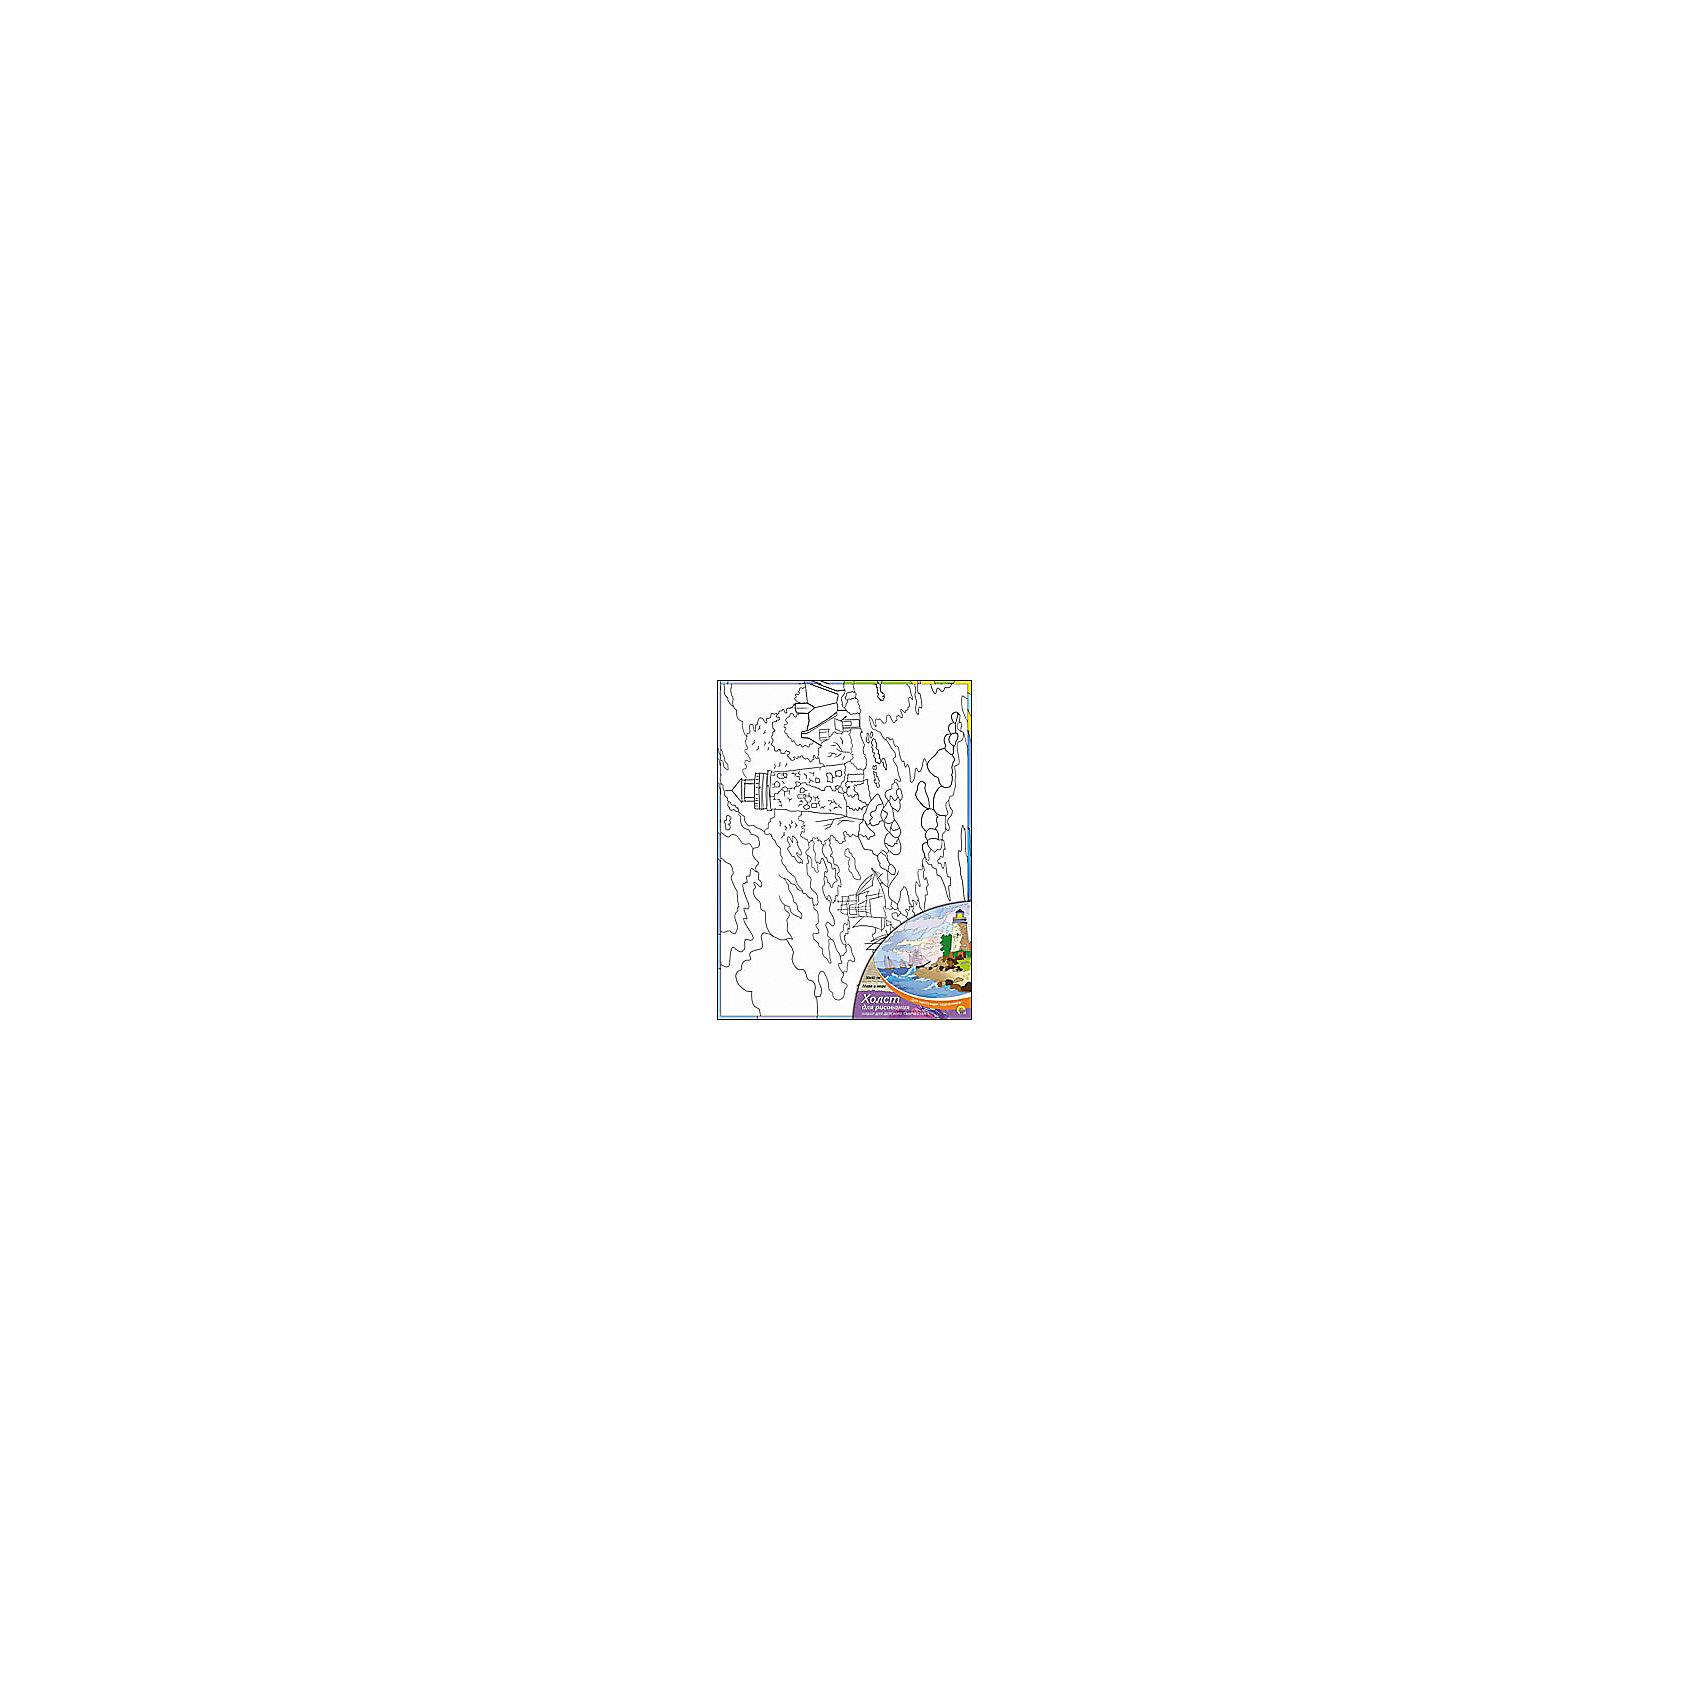 Холст с красками Маяк и море 30х40 смРисование<br>замечательные наборы для создания уникального шедевра изобразительного искусства. Создание картин на специально подготовленной рабочей поверхности – это уникальная техника, позволяющая делать Ваши шедевры более яркими и реалистичными. Просто нанесите мазки на уже готовый эскиз и оживите картину! Готовые изделия могут стать украшением интерьера или прекрасным подарком близким и друзьям.<br><br>Ширина мм: 300<br>Глубина мм: 400<br>Высота мм: 15<br>Вес г: 367<br>Возраст от месяцев: 36<br>Возраст до месяцев: 108<br>Пол: Унисекс<br>Возраст: Детский<br>SKU: 5096749